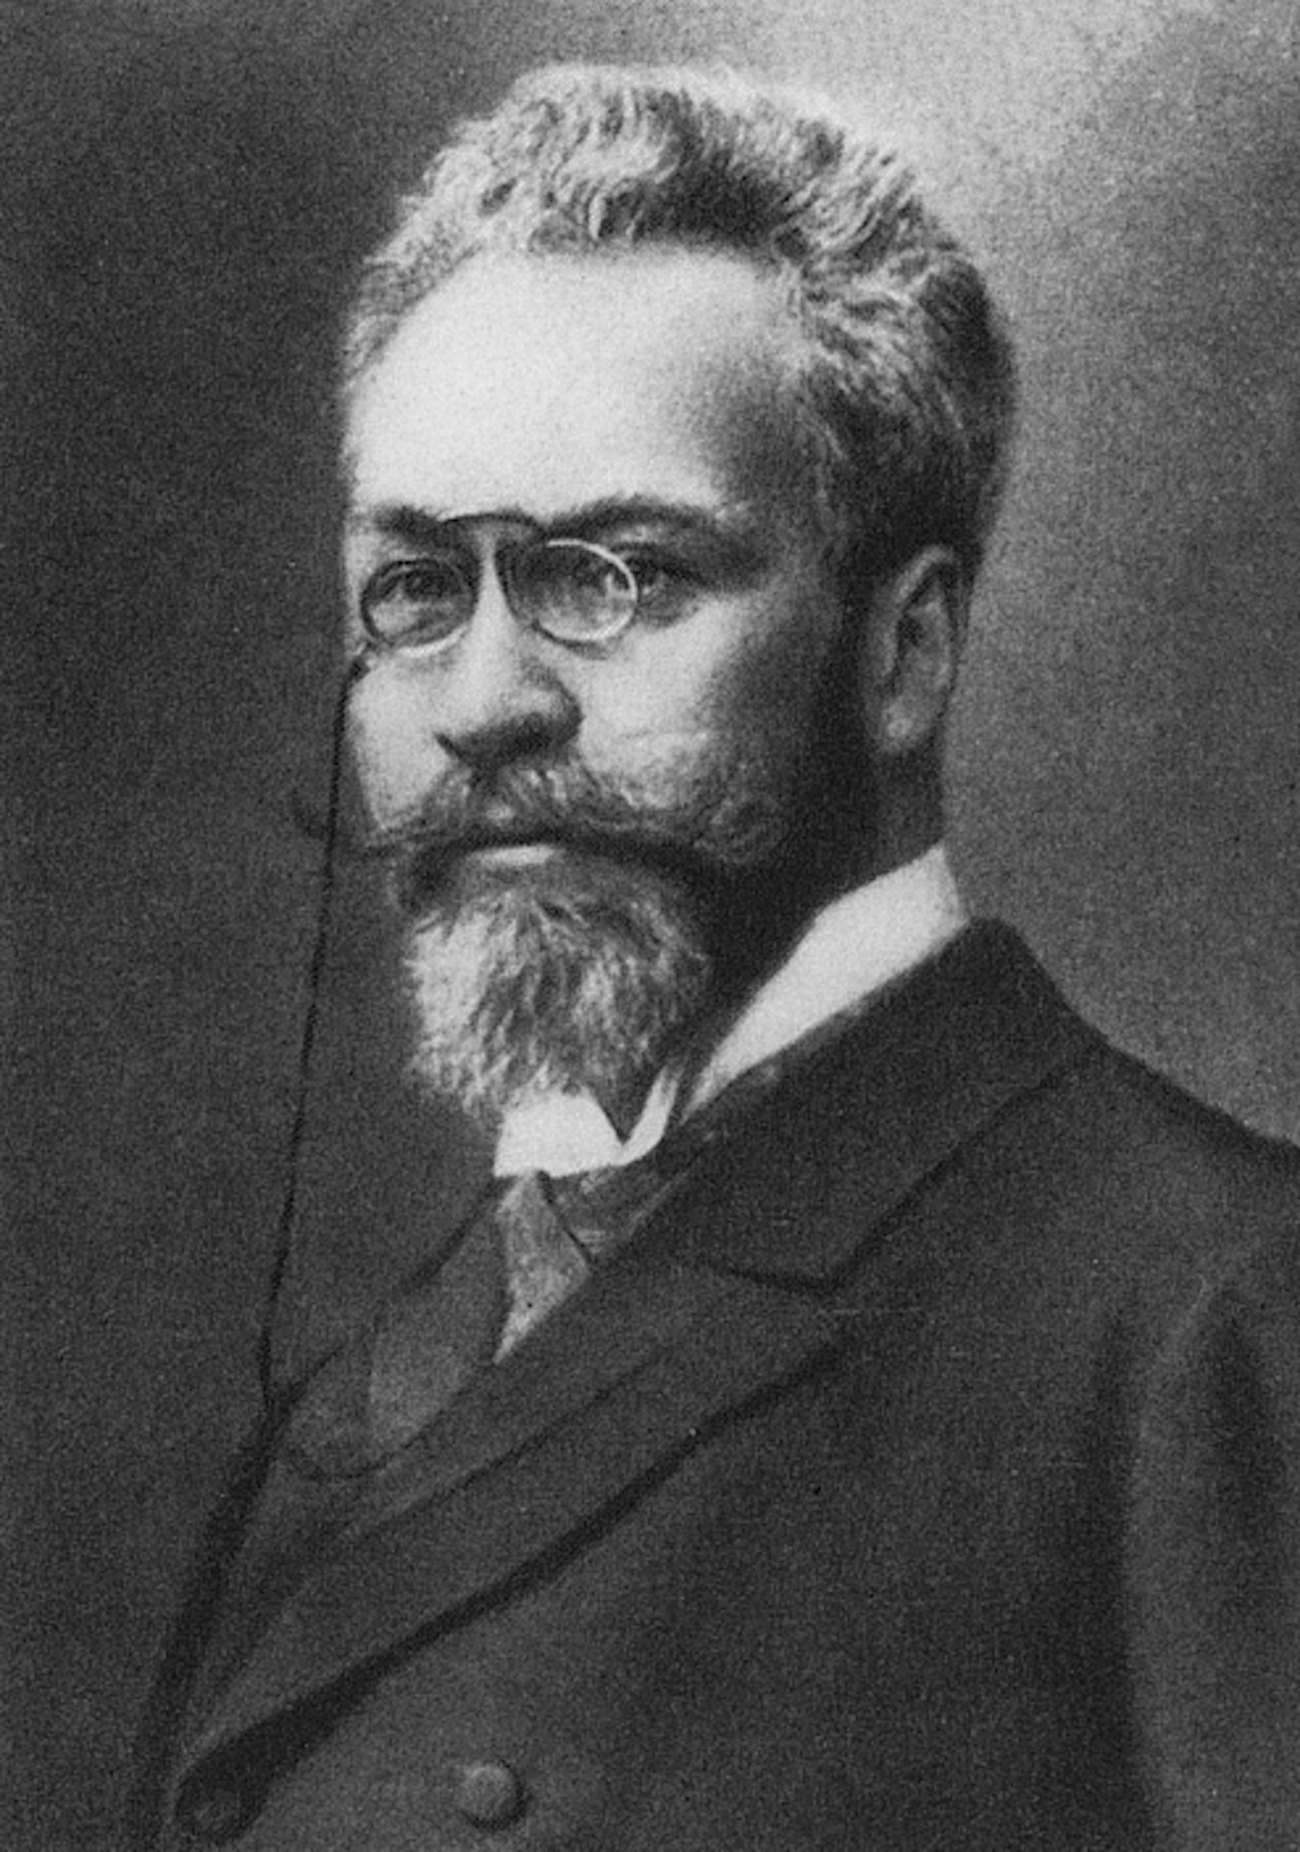 Ritratto di un uomo barbuto con gli occhiali